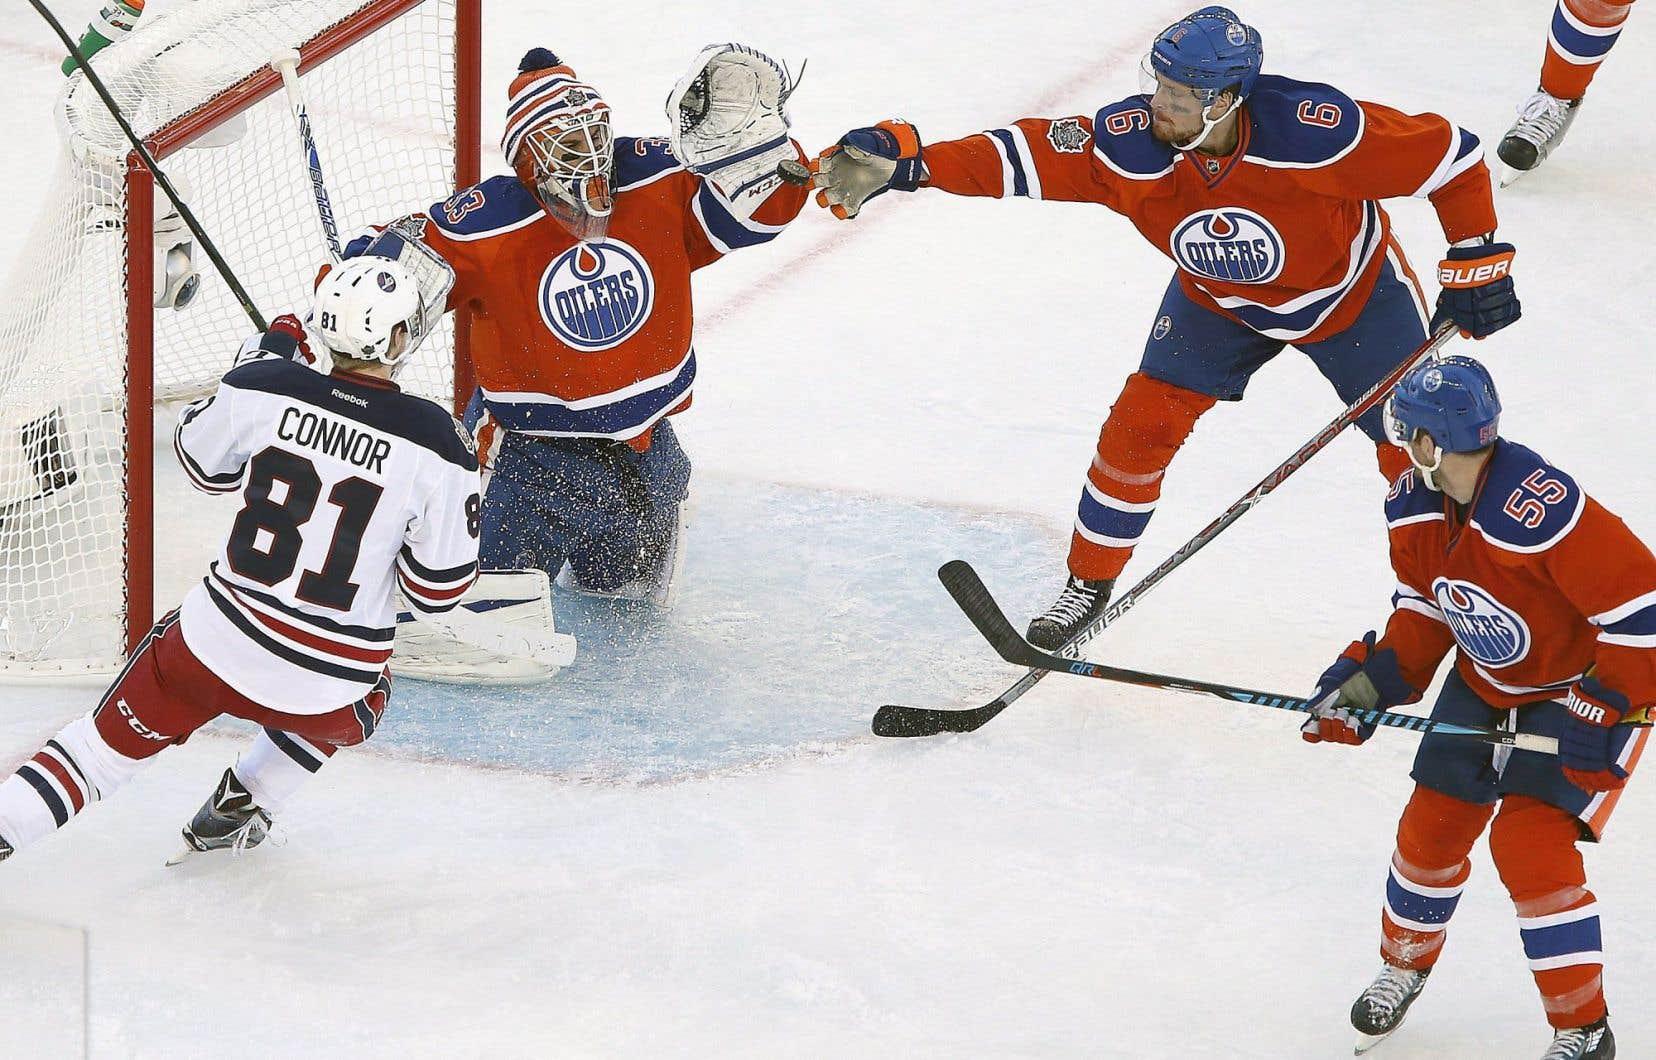 Adam Larsson, des Oilers, essaie d'arrêter la rondelle devant la cage du gardien de l'équipe, Cam Talbot, qui a effectué 31 arrêts au cours de la rencontre en plein air.